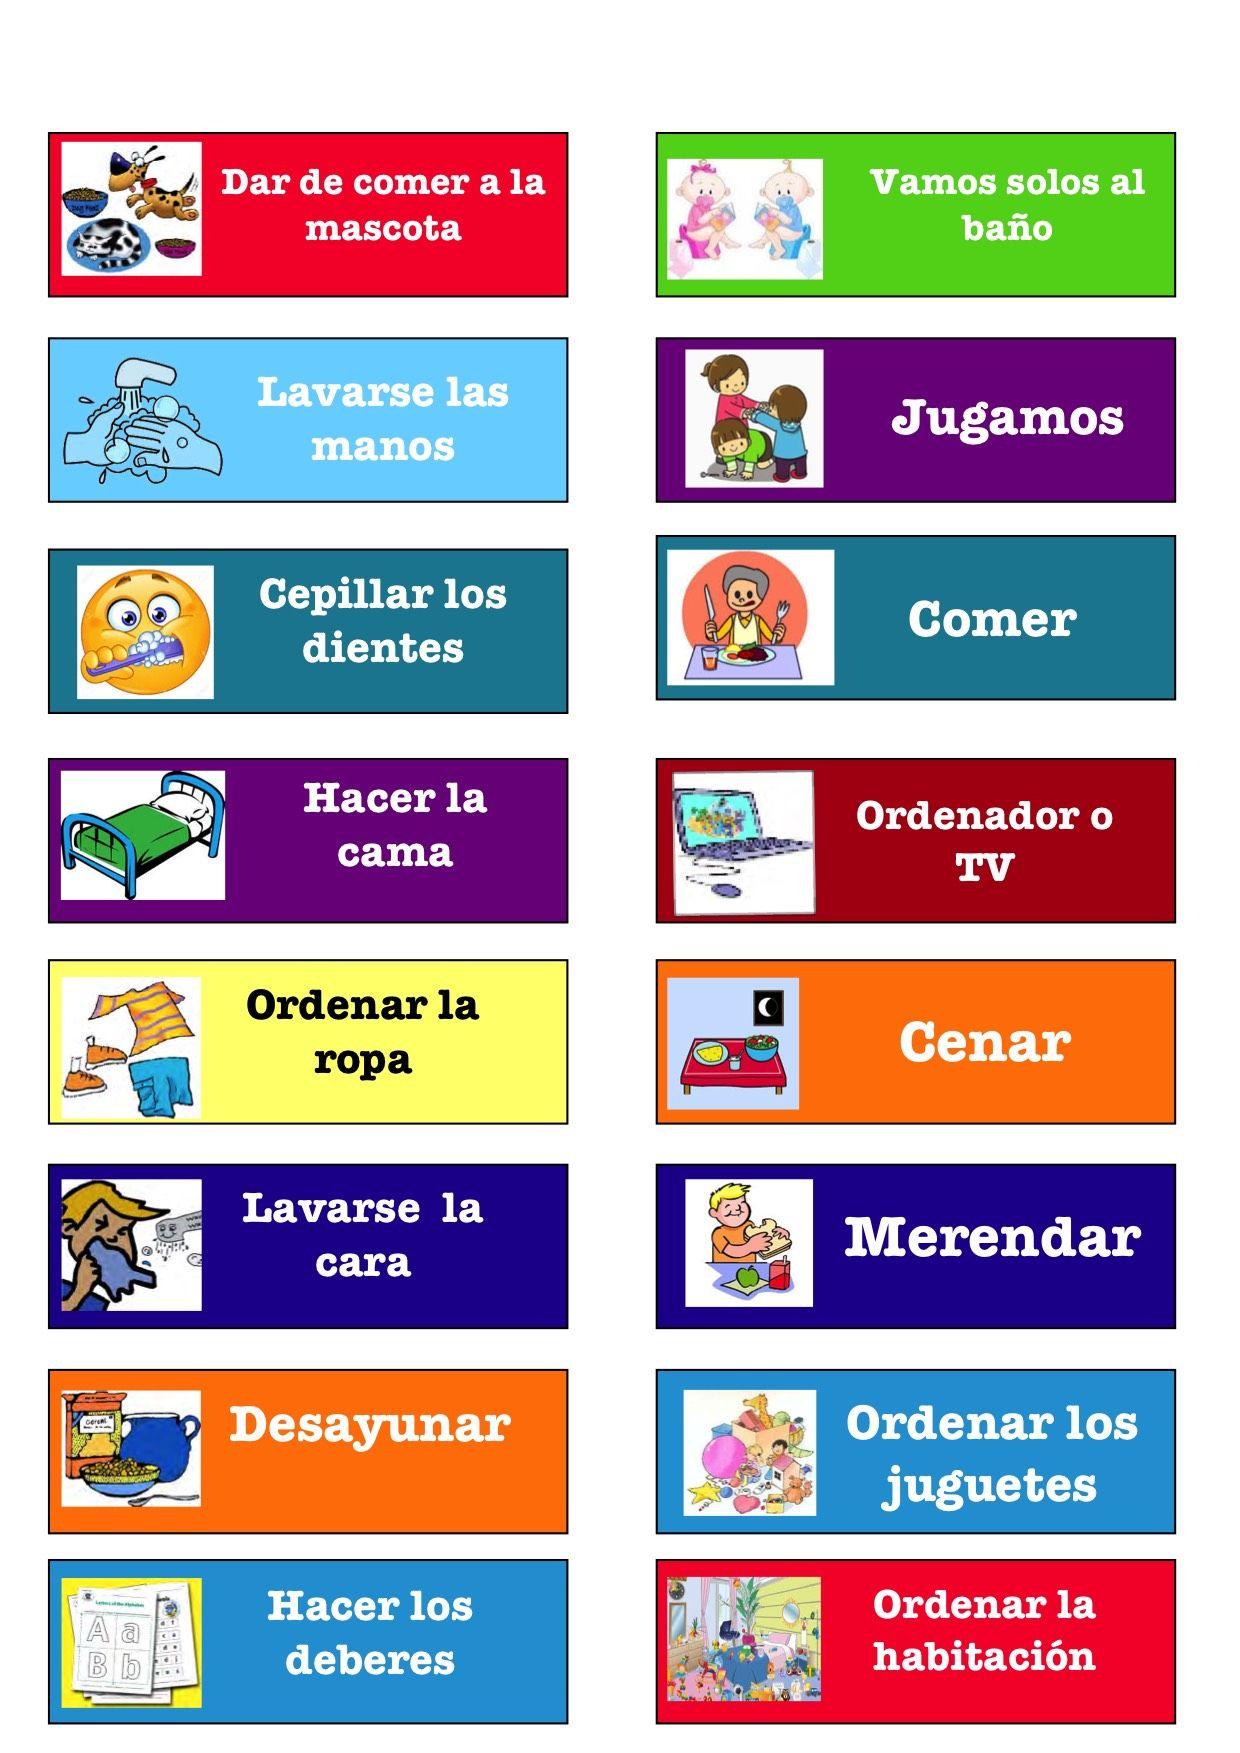 Calendario De Rutinas Tabla De Tareas Para Niños Recompensas Para Niños Horario Para Niños